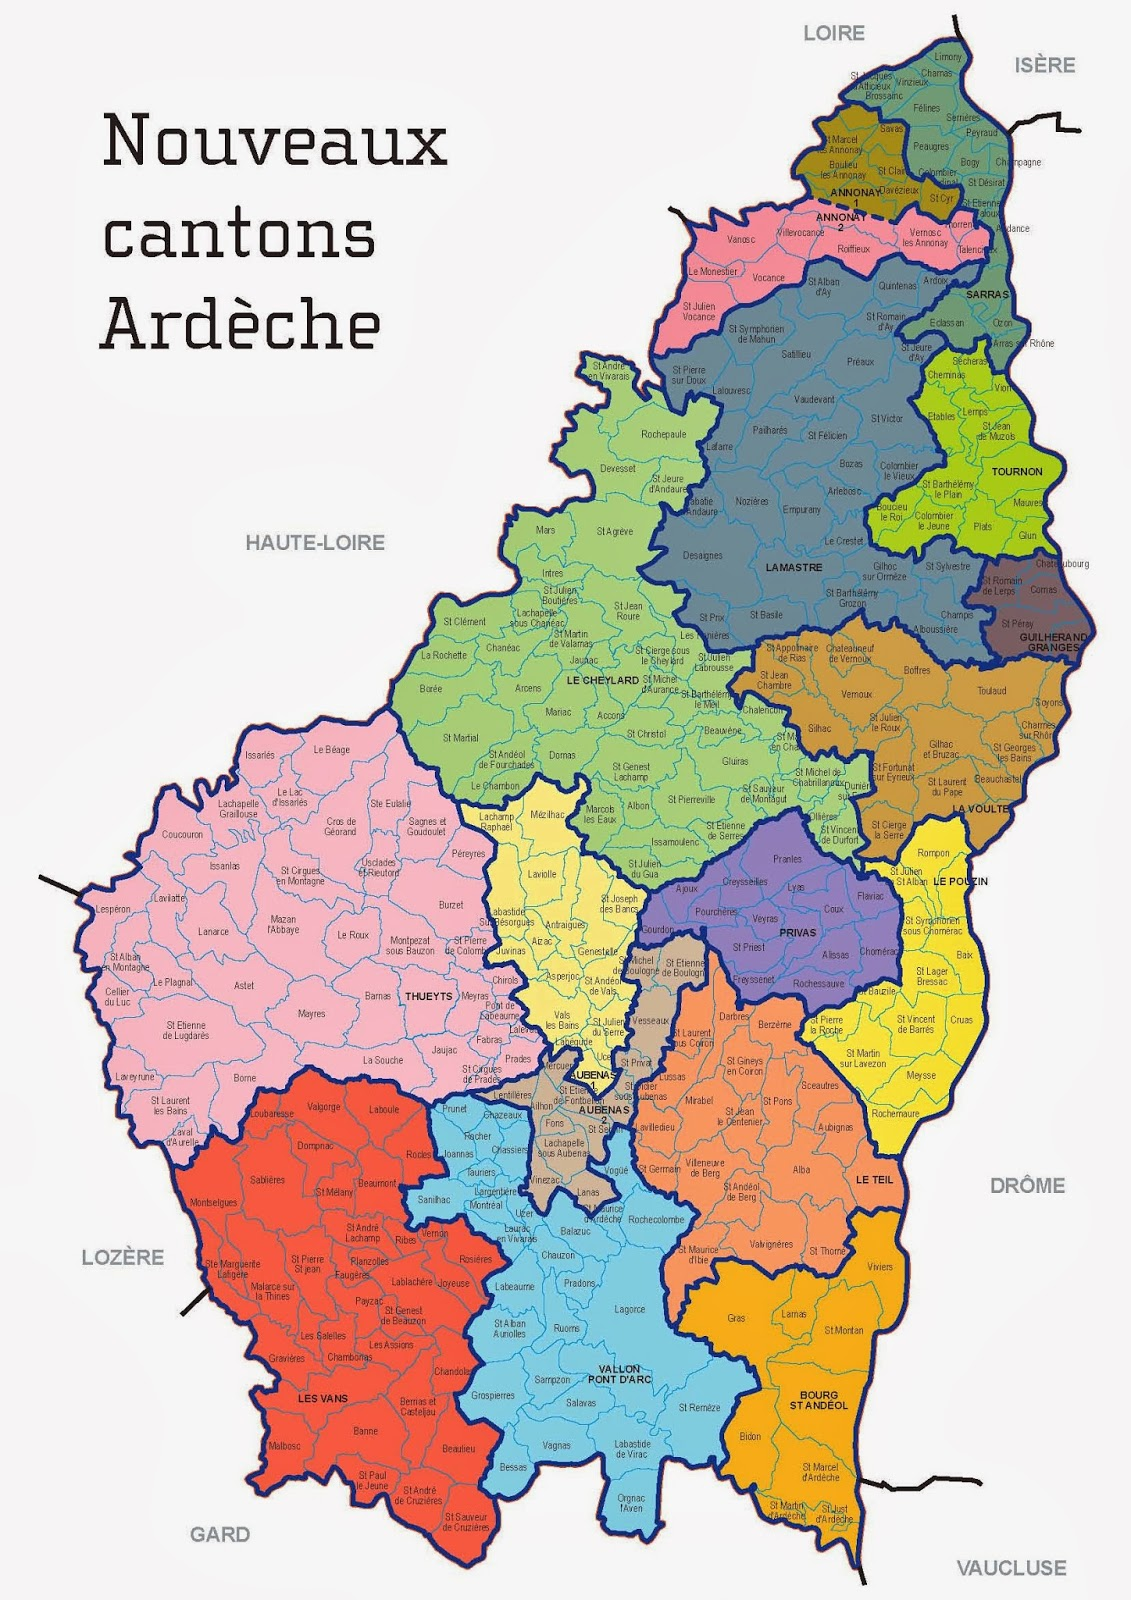 carte-nouveaux-cantons-ardeche